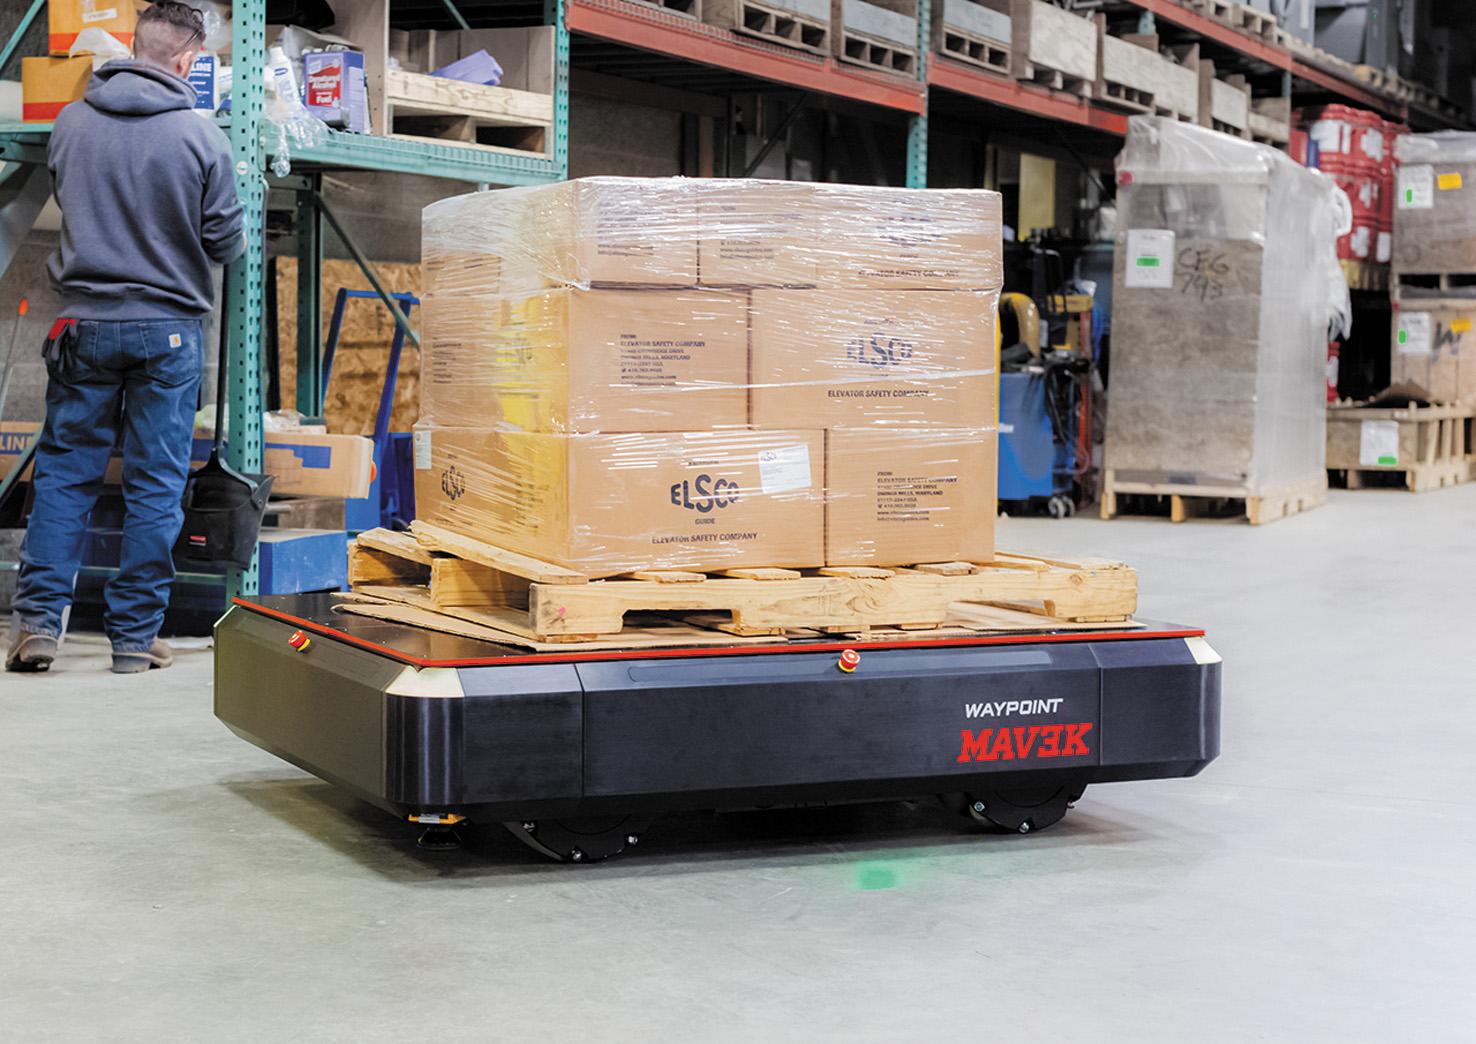 MAV3K — индустриальный автономный универсальный мобильный робот грузоподъемностью 3000 фунтов.